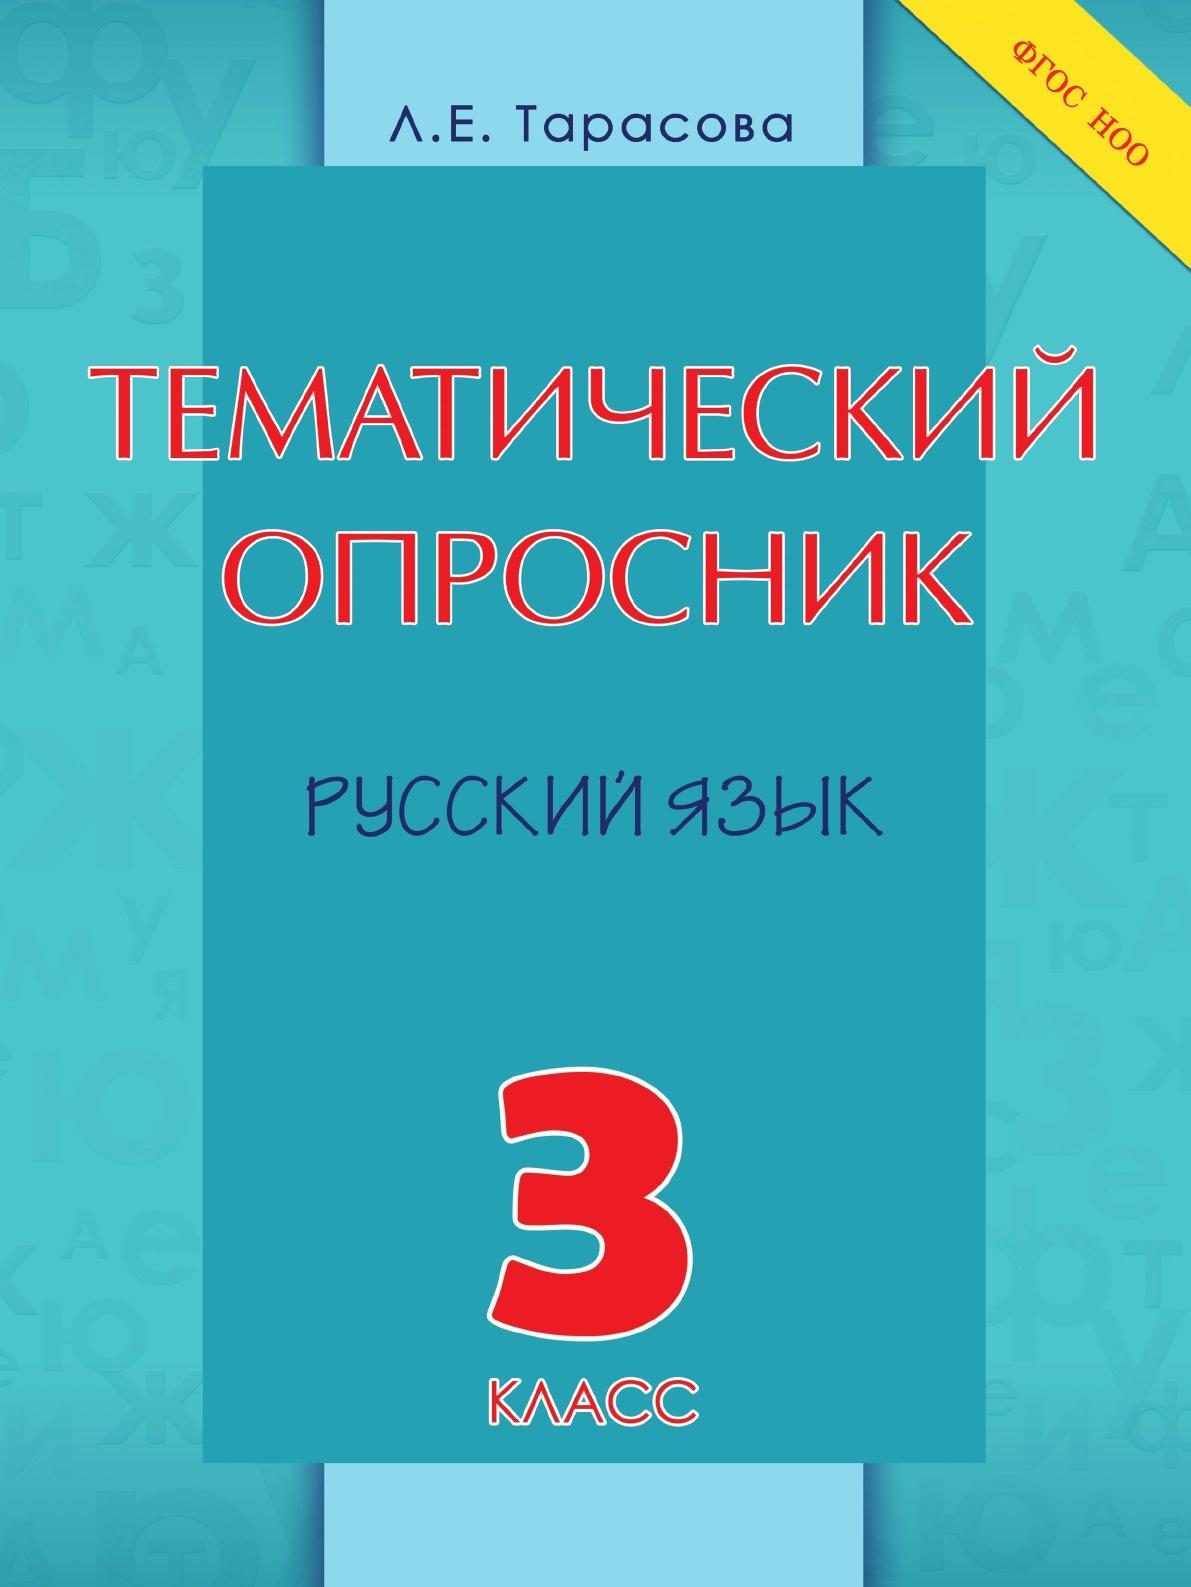 Тарасова Л.Е. Тематический опросник по русскому языку. 3-й класс. ФГОС